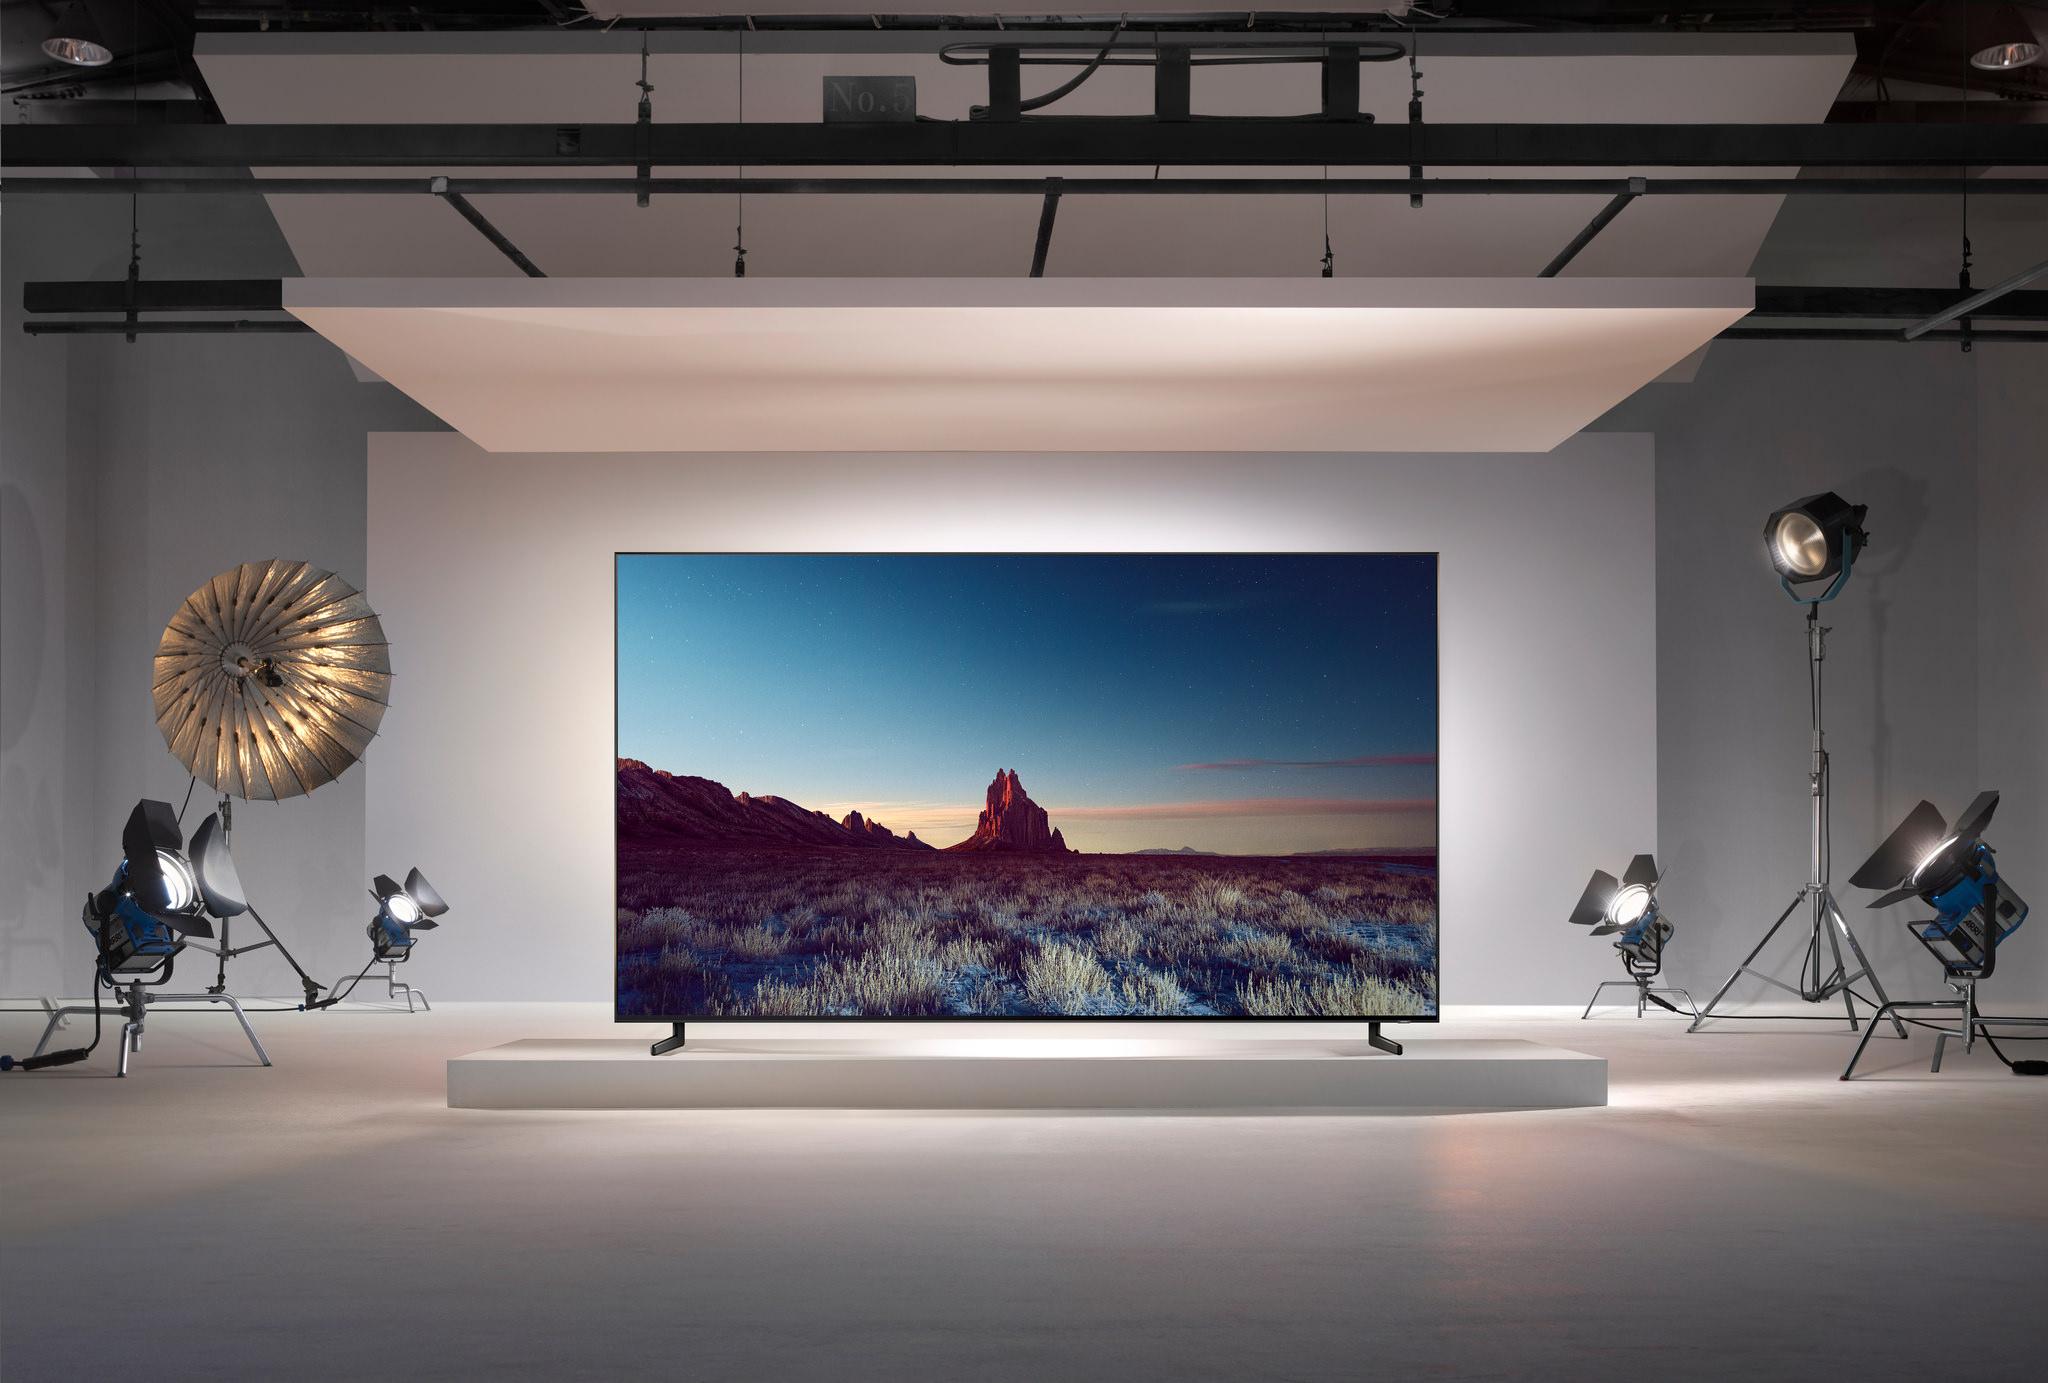 Xiaomis Mi TV 4C, Mi TV 4S, and Mi TV 4X launched in